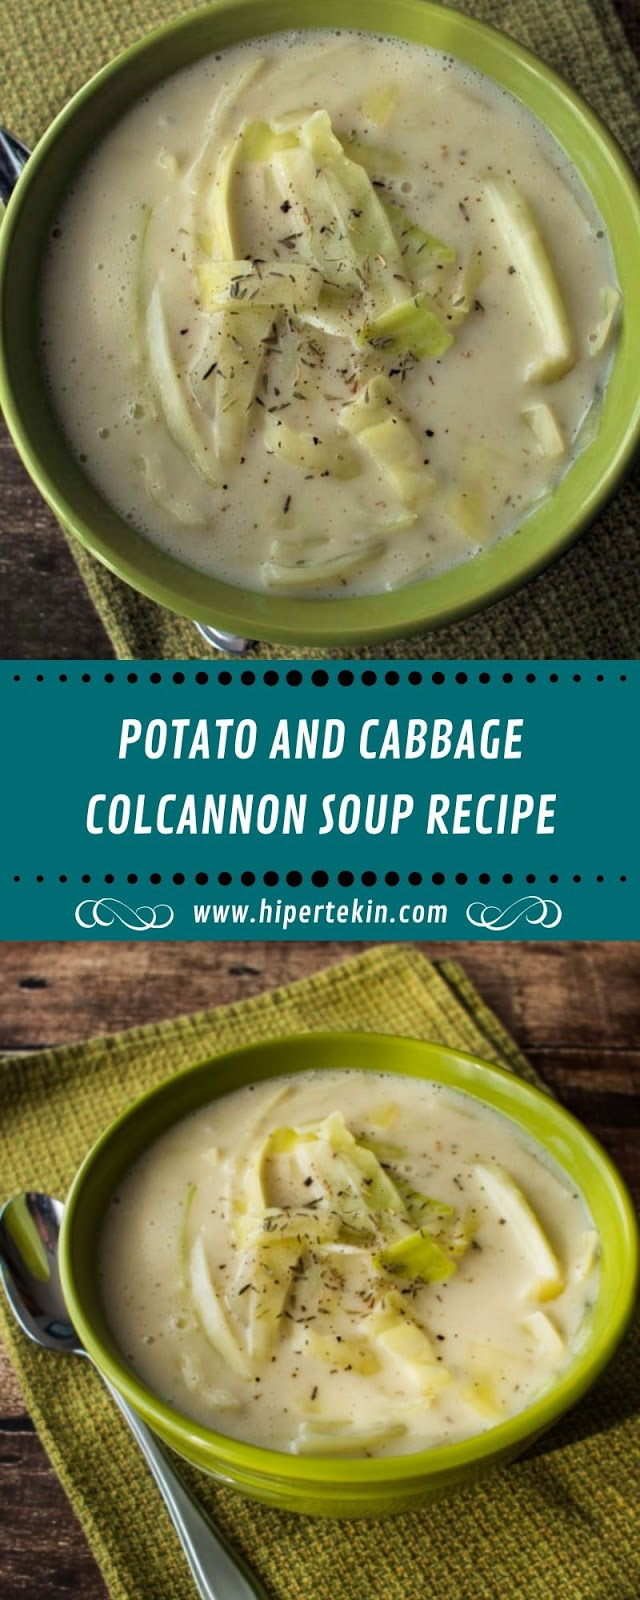 POTATO AND CABBAGE COLCANNON SOUP RECIPE